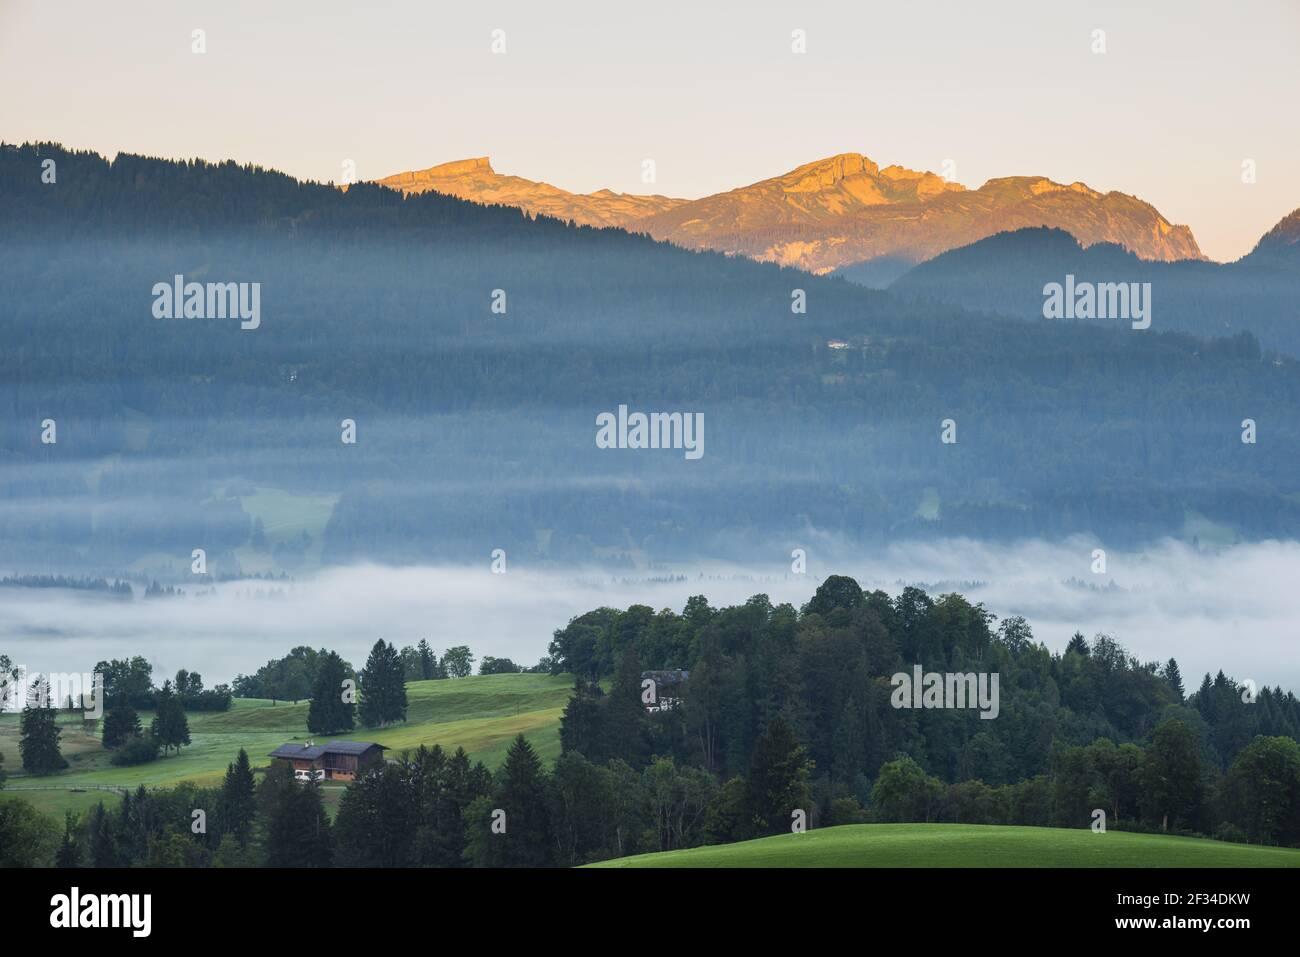 Geografia / viaggio, Austria, Vorarlberg, Stillachtal (Valle di Stillach) con nebbia di mattina presto, a Oberstdorf, alta Allgaeu, beh, Freedom-of-Panorama Foto Stock